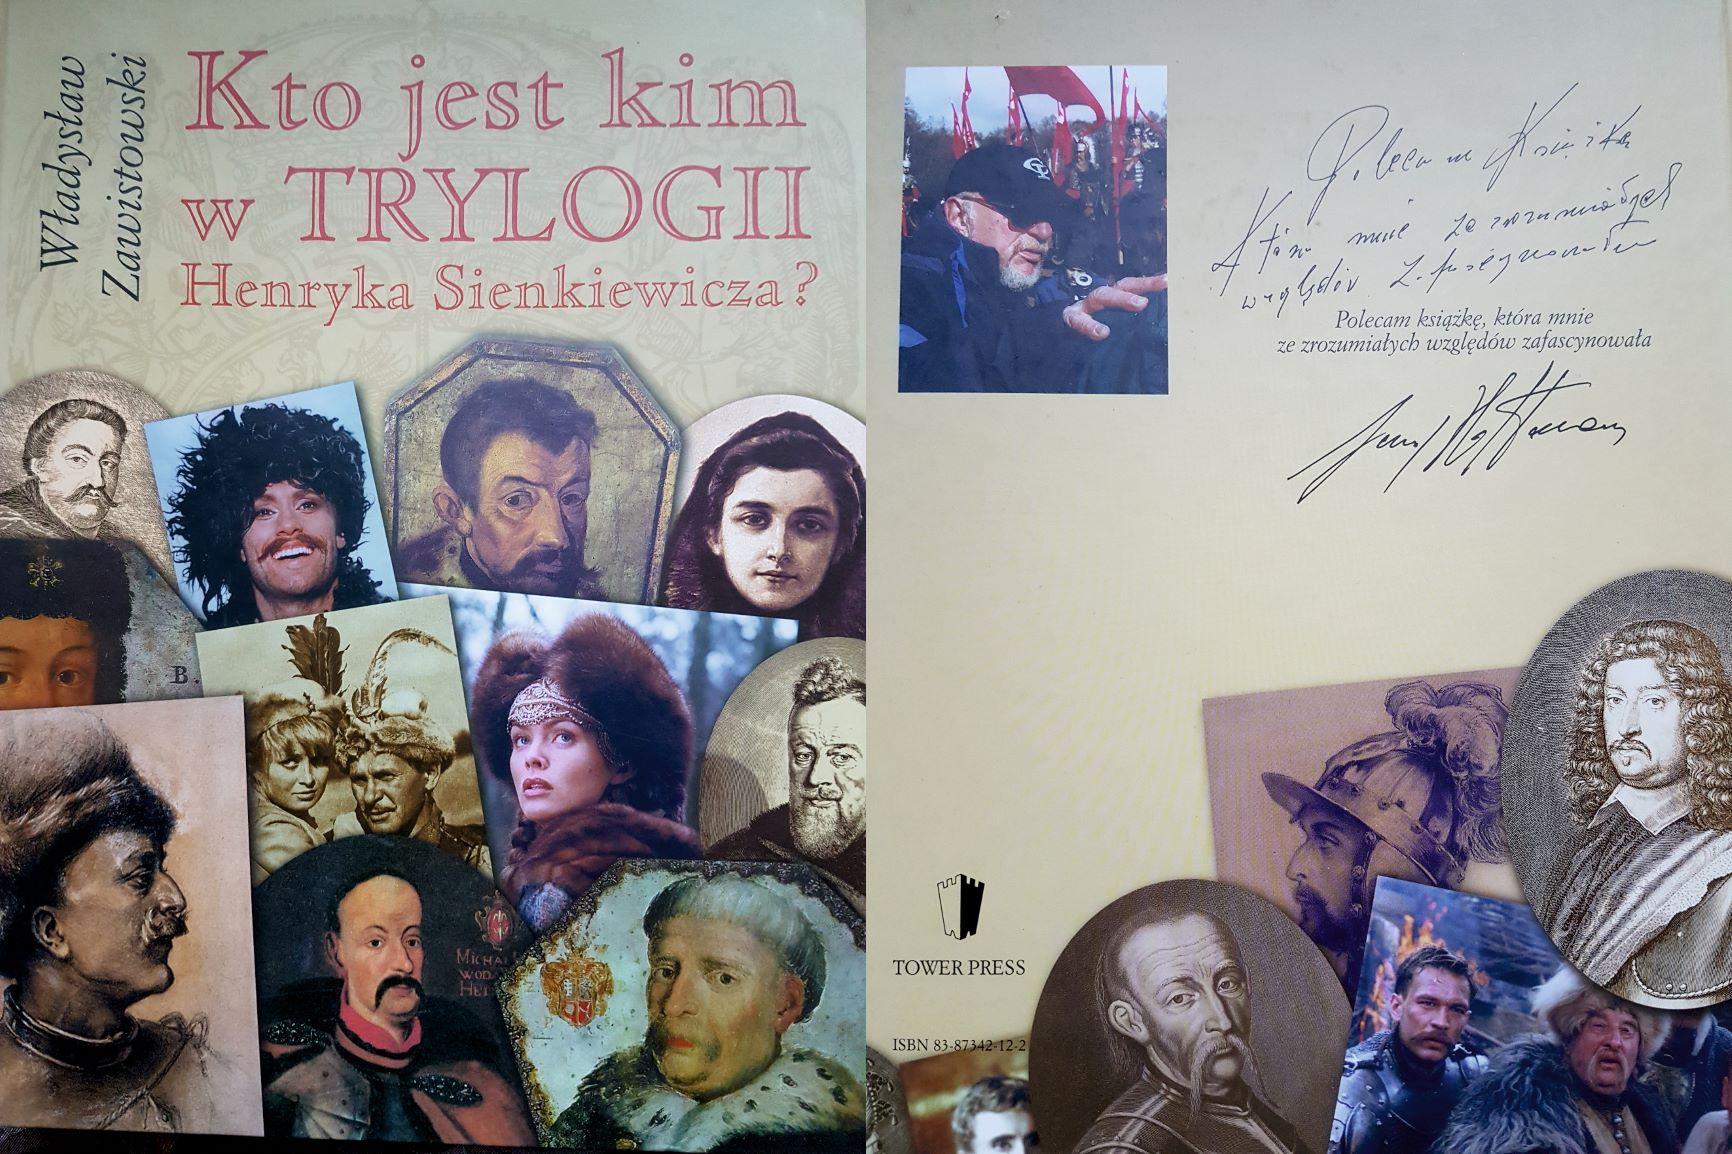 Kto jest kim i czego nie ma w Trylogii Henryka Sienkiewicza?